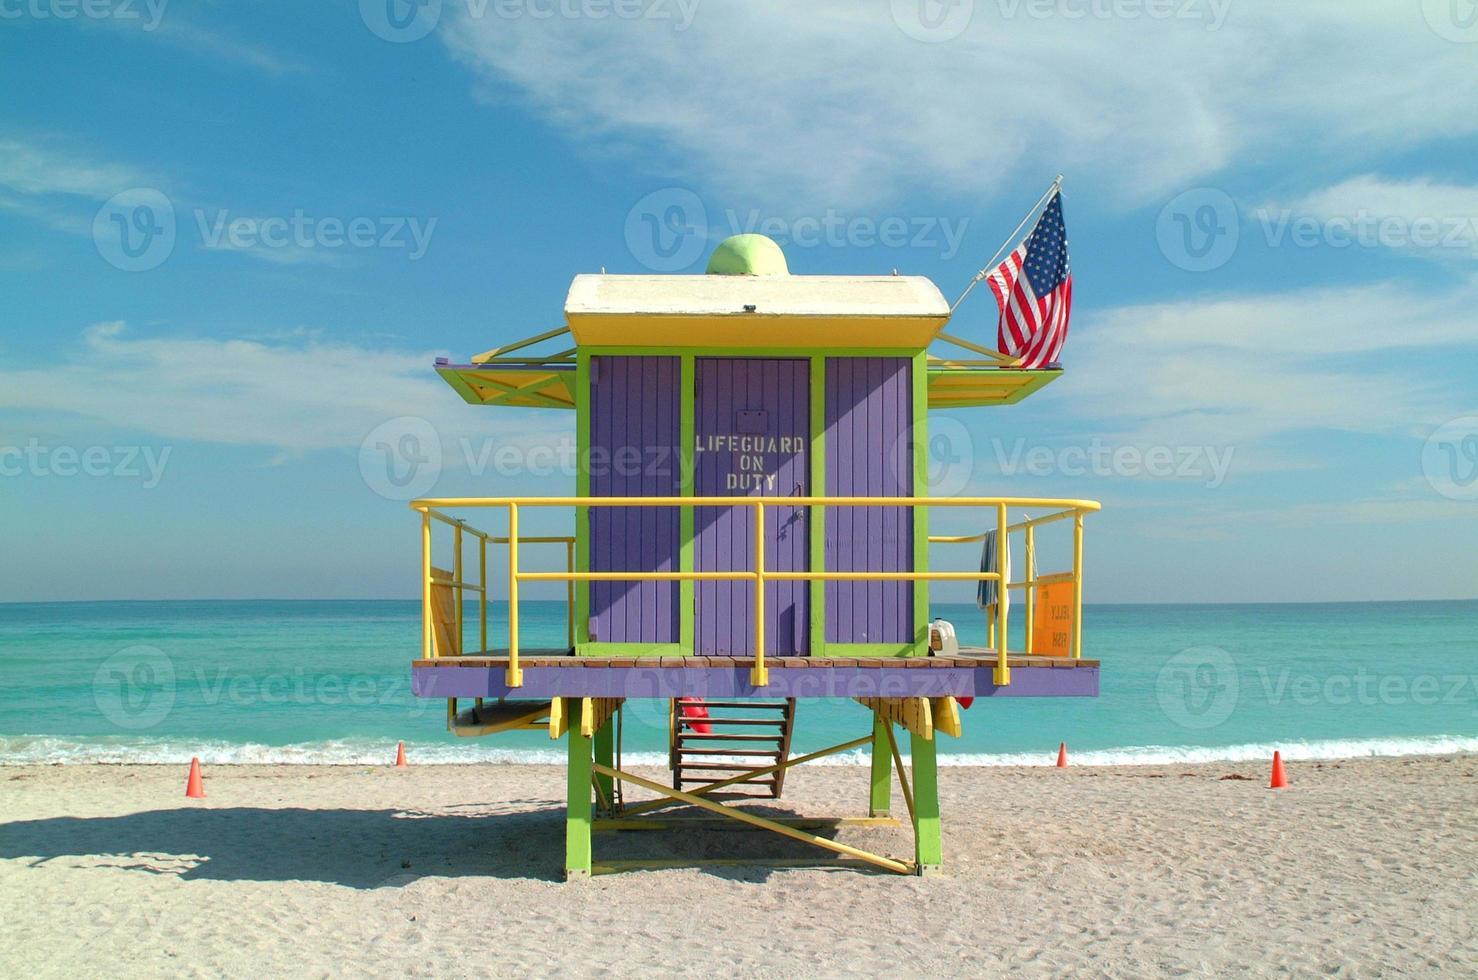 lila Rettungsschwimmerstation an einem sonnigen Strand foto